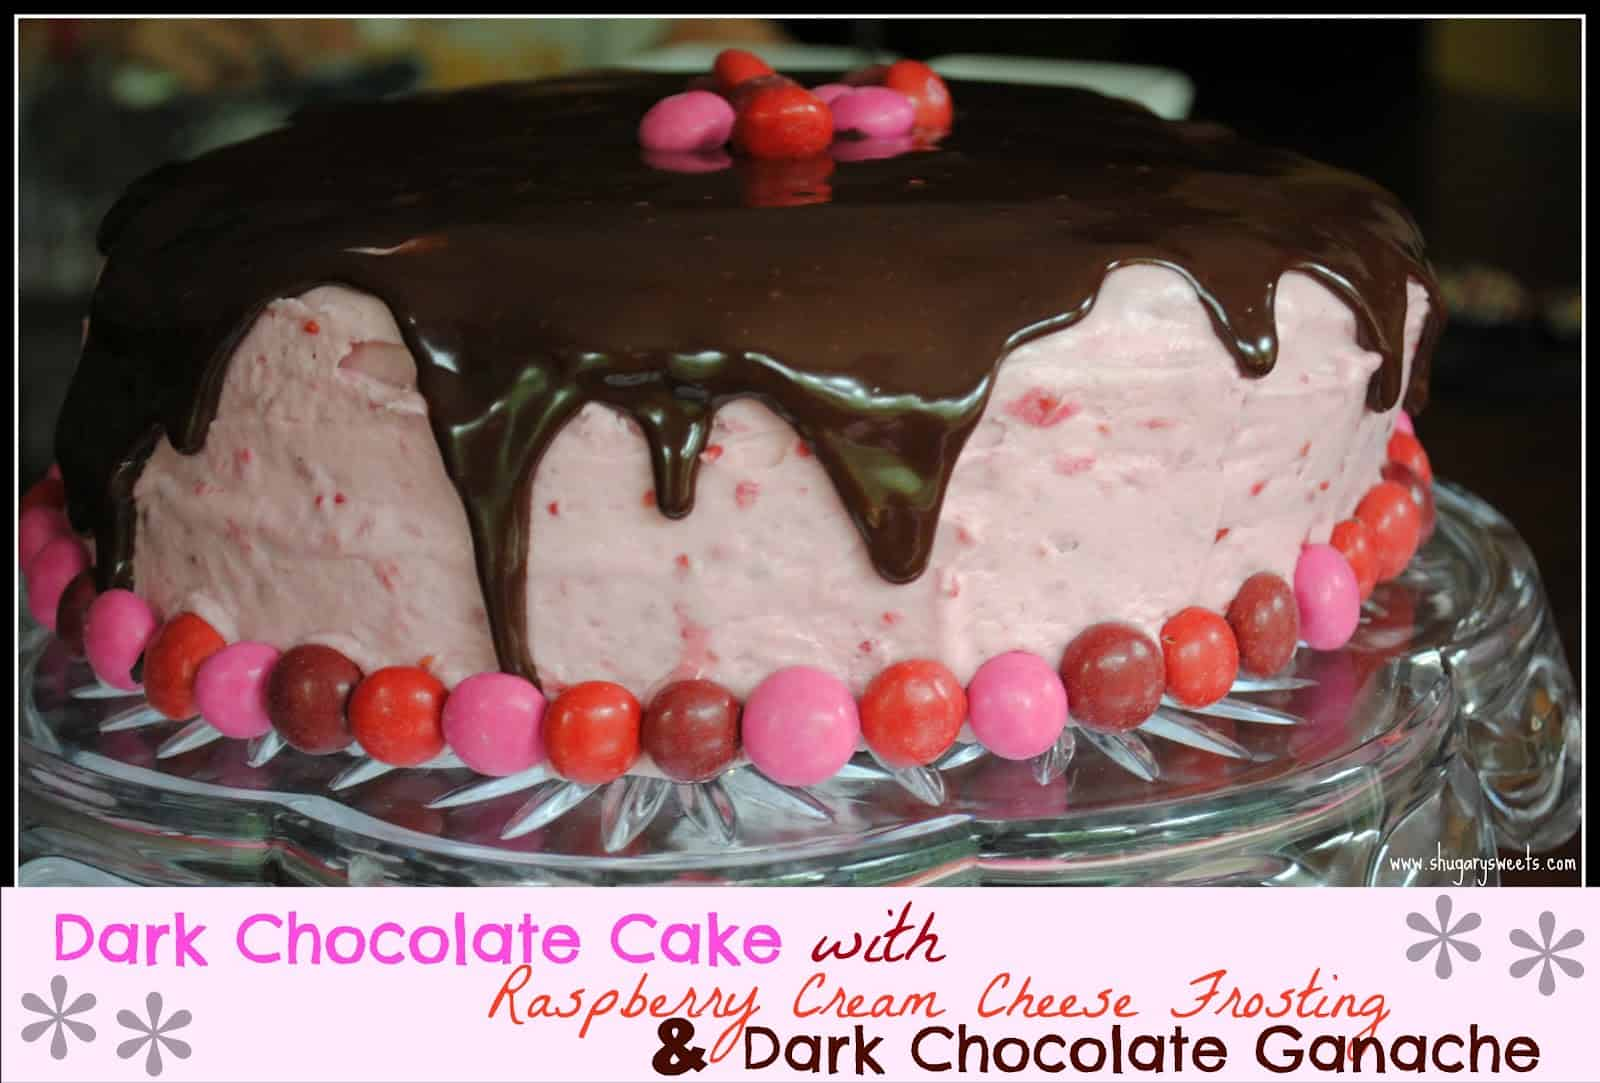 Cake with Raspberry Cream Cheese Frosting and Dark Chocolate Ganache ...